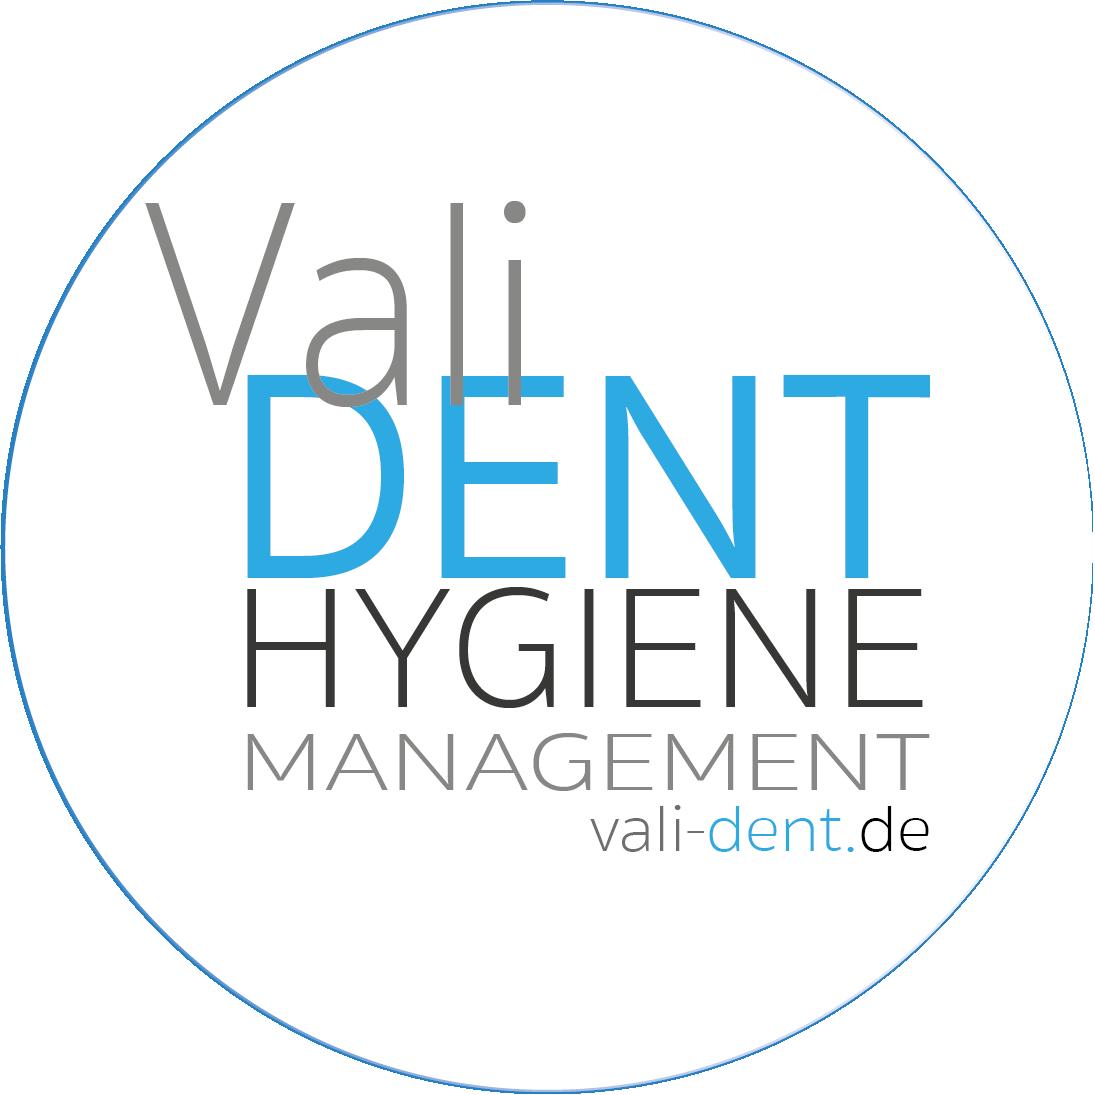 Vali-Dent